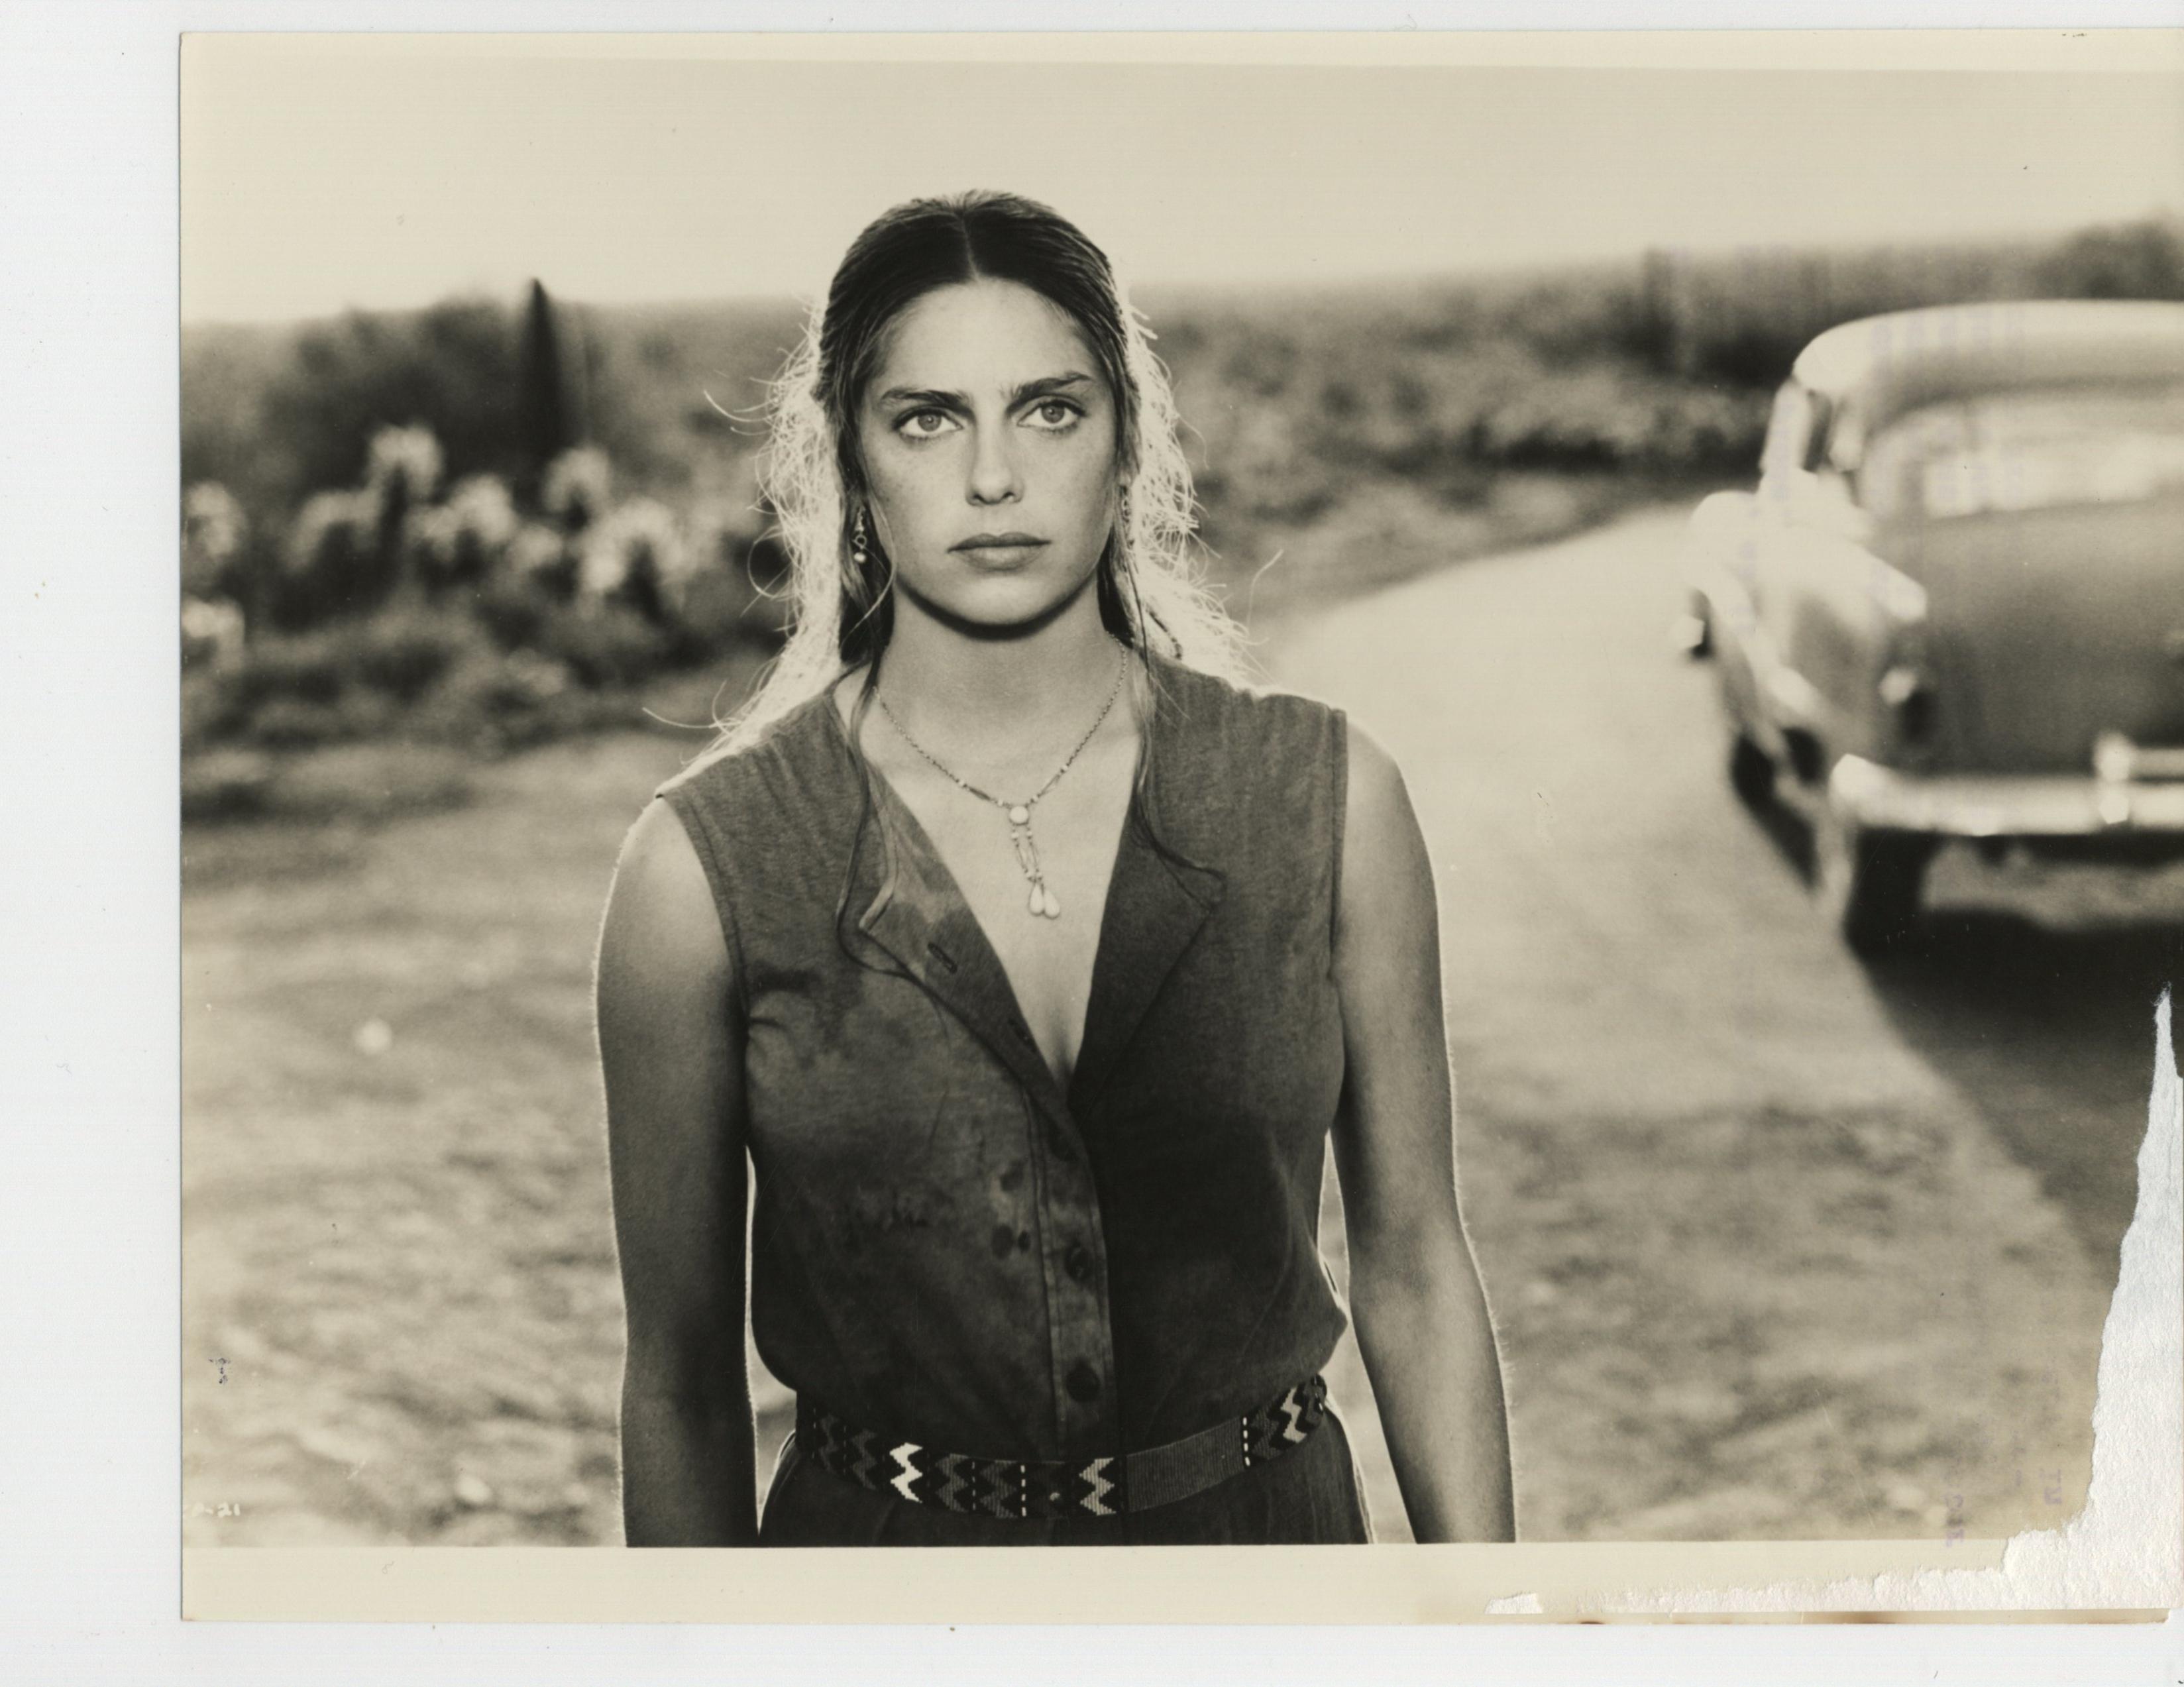 Daria Halprin in Zabriskie Point (1970)